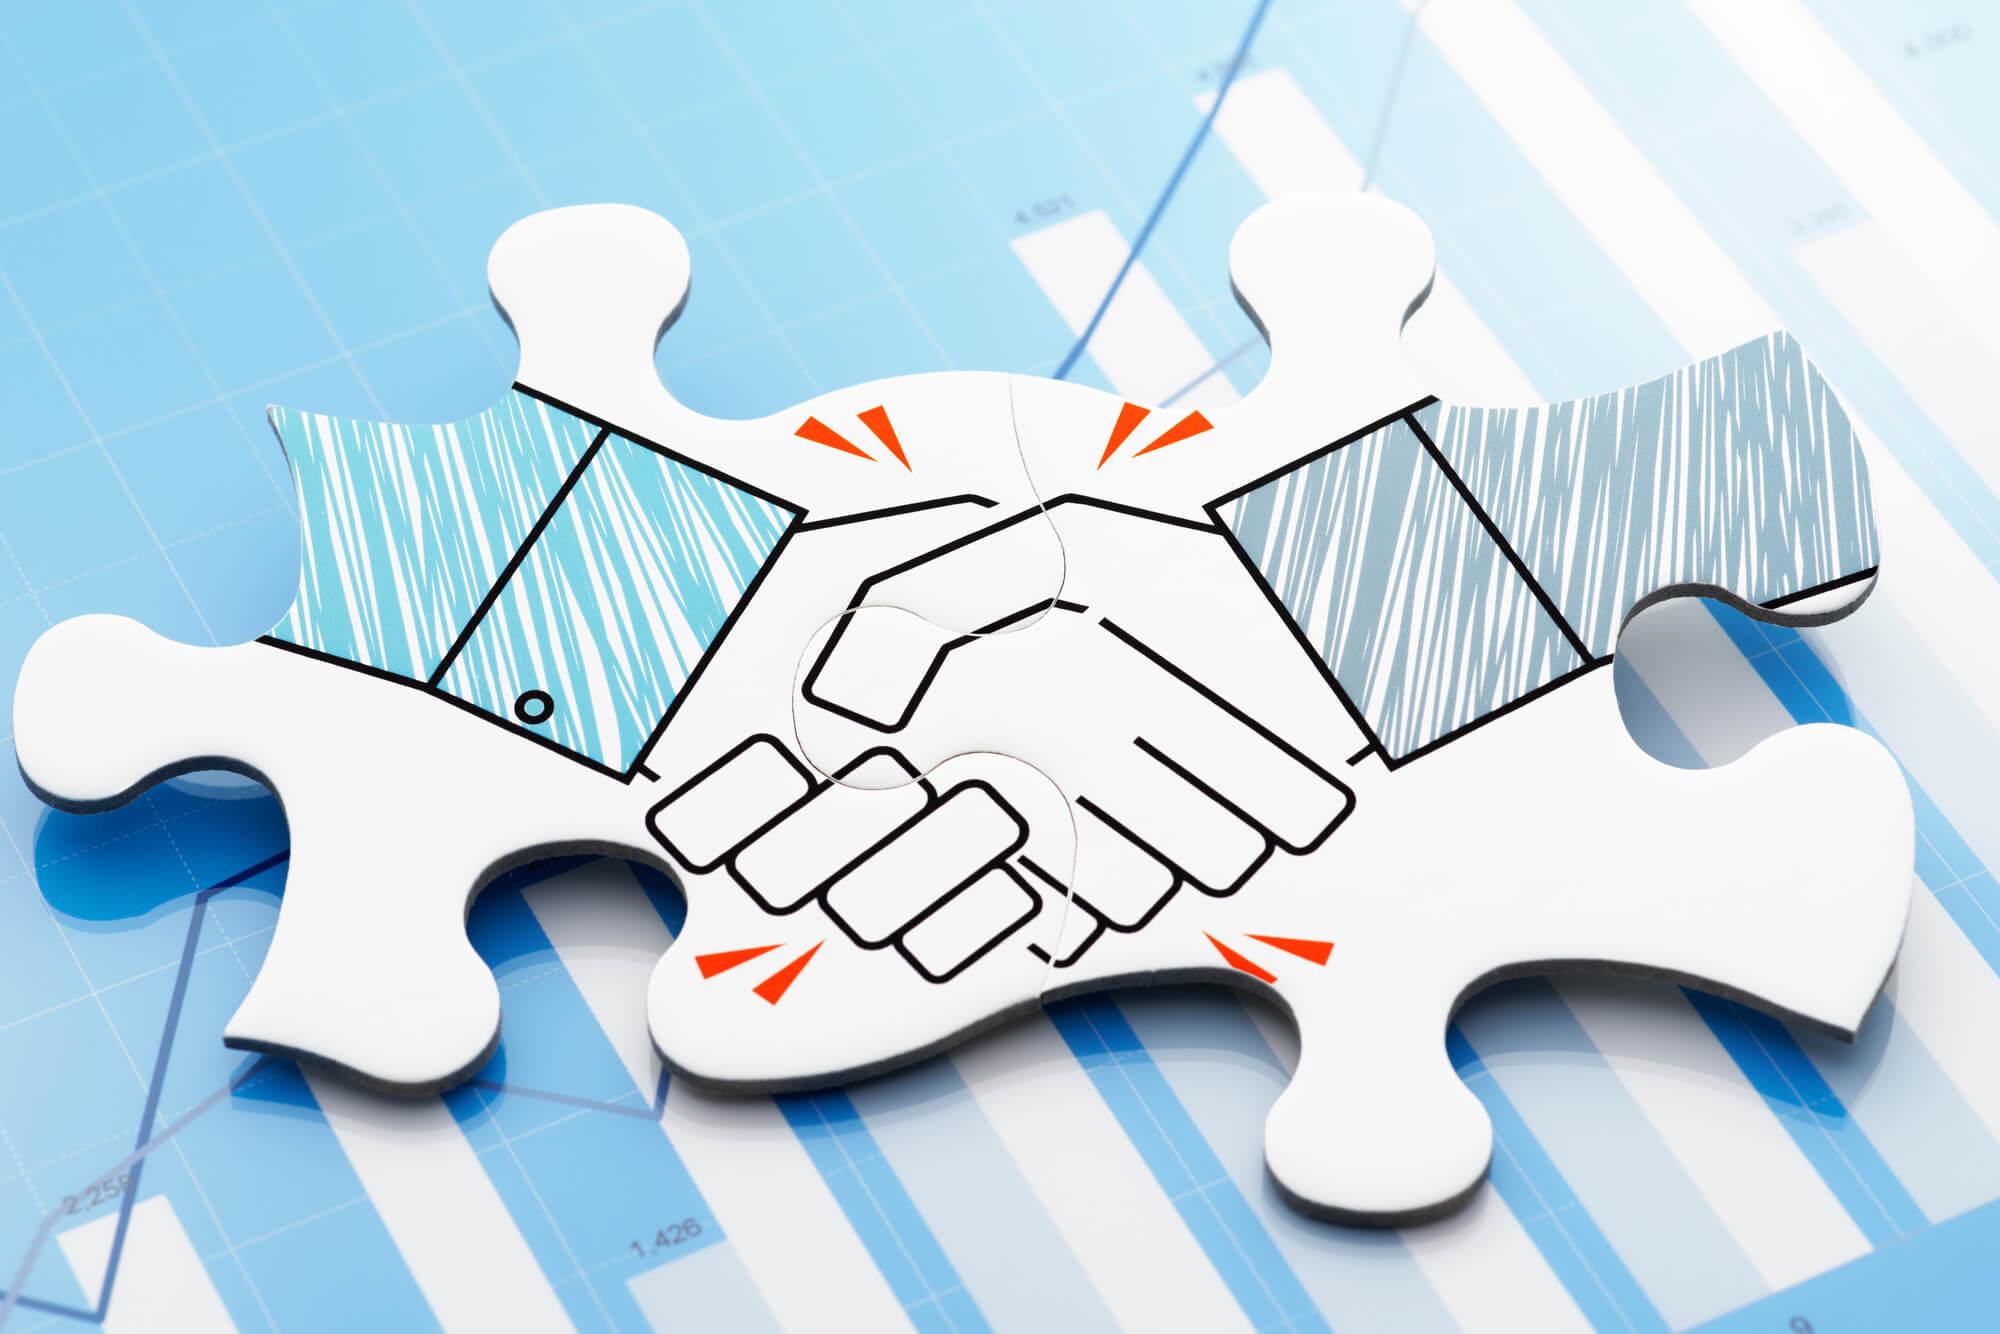 競争力のある物流体制の維持・構築実現に向けた、荷主企業と物流企業の付き合い方とは